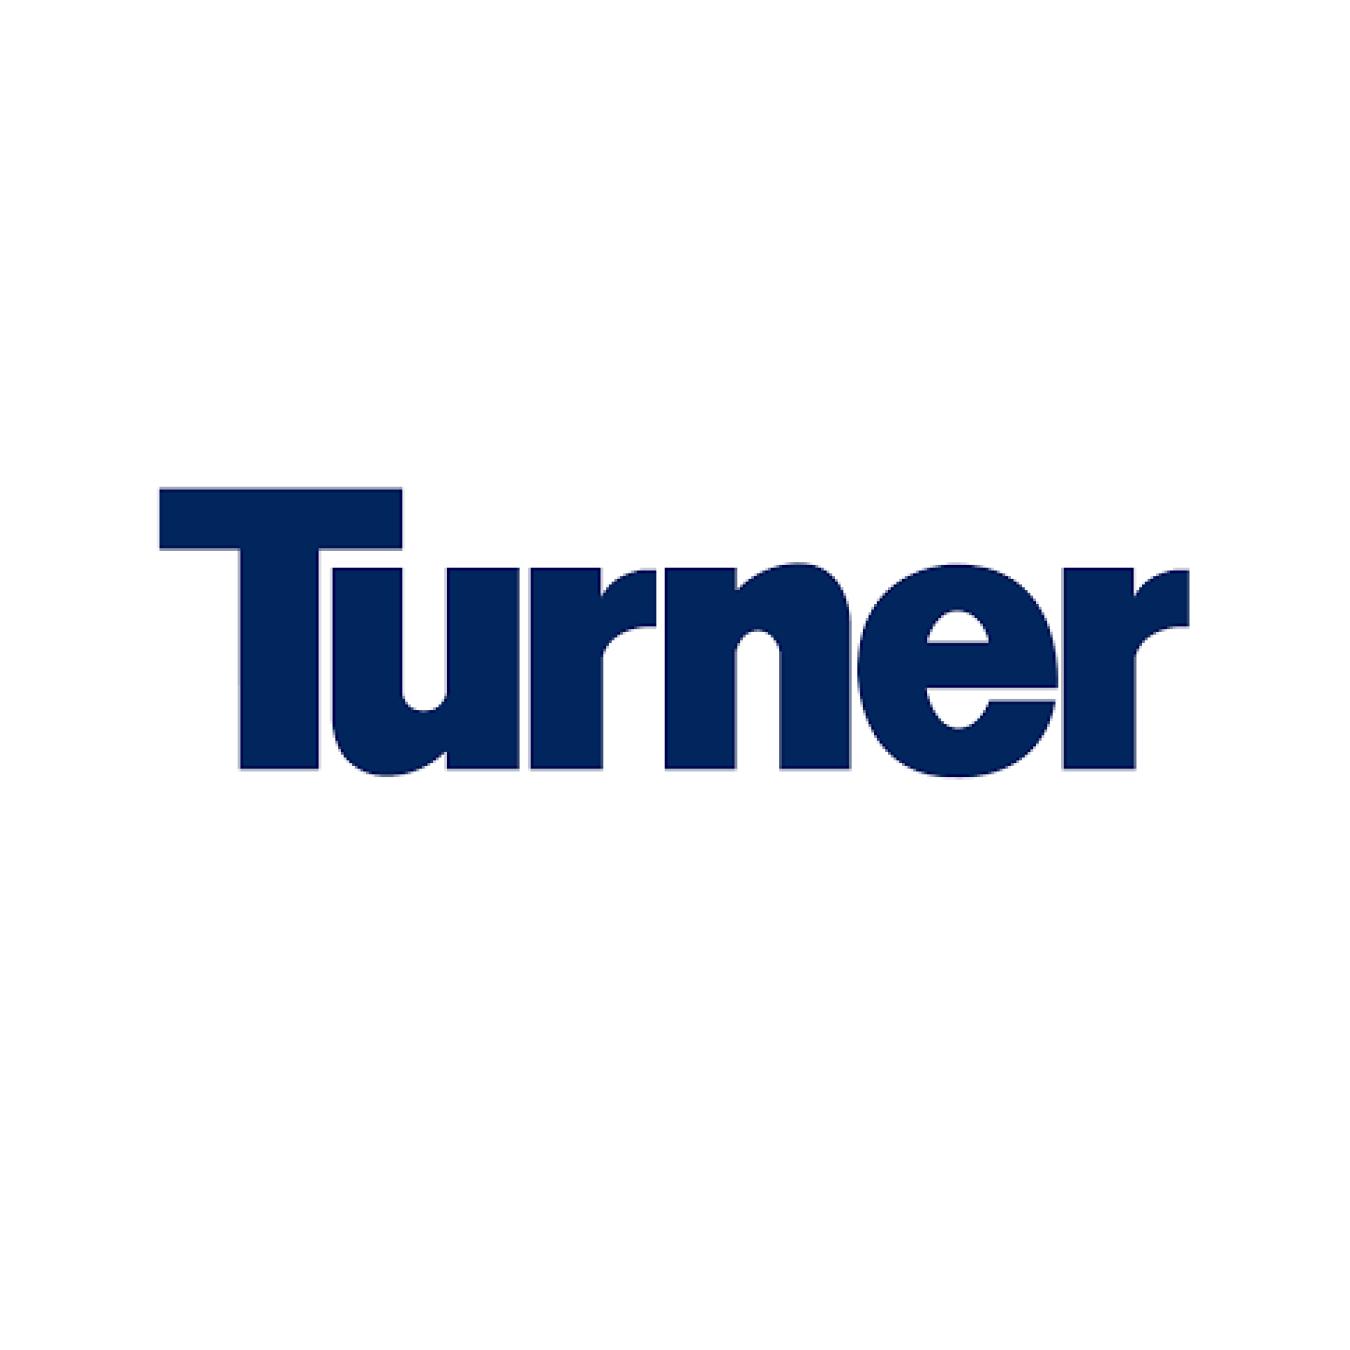 Turner Web